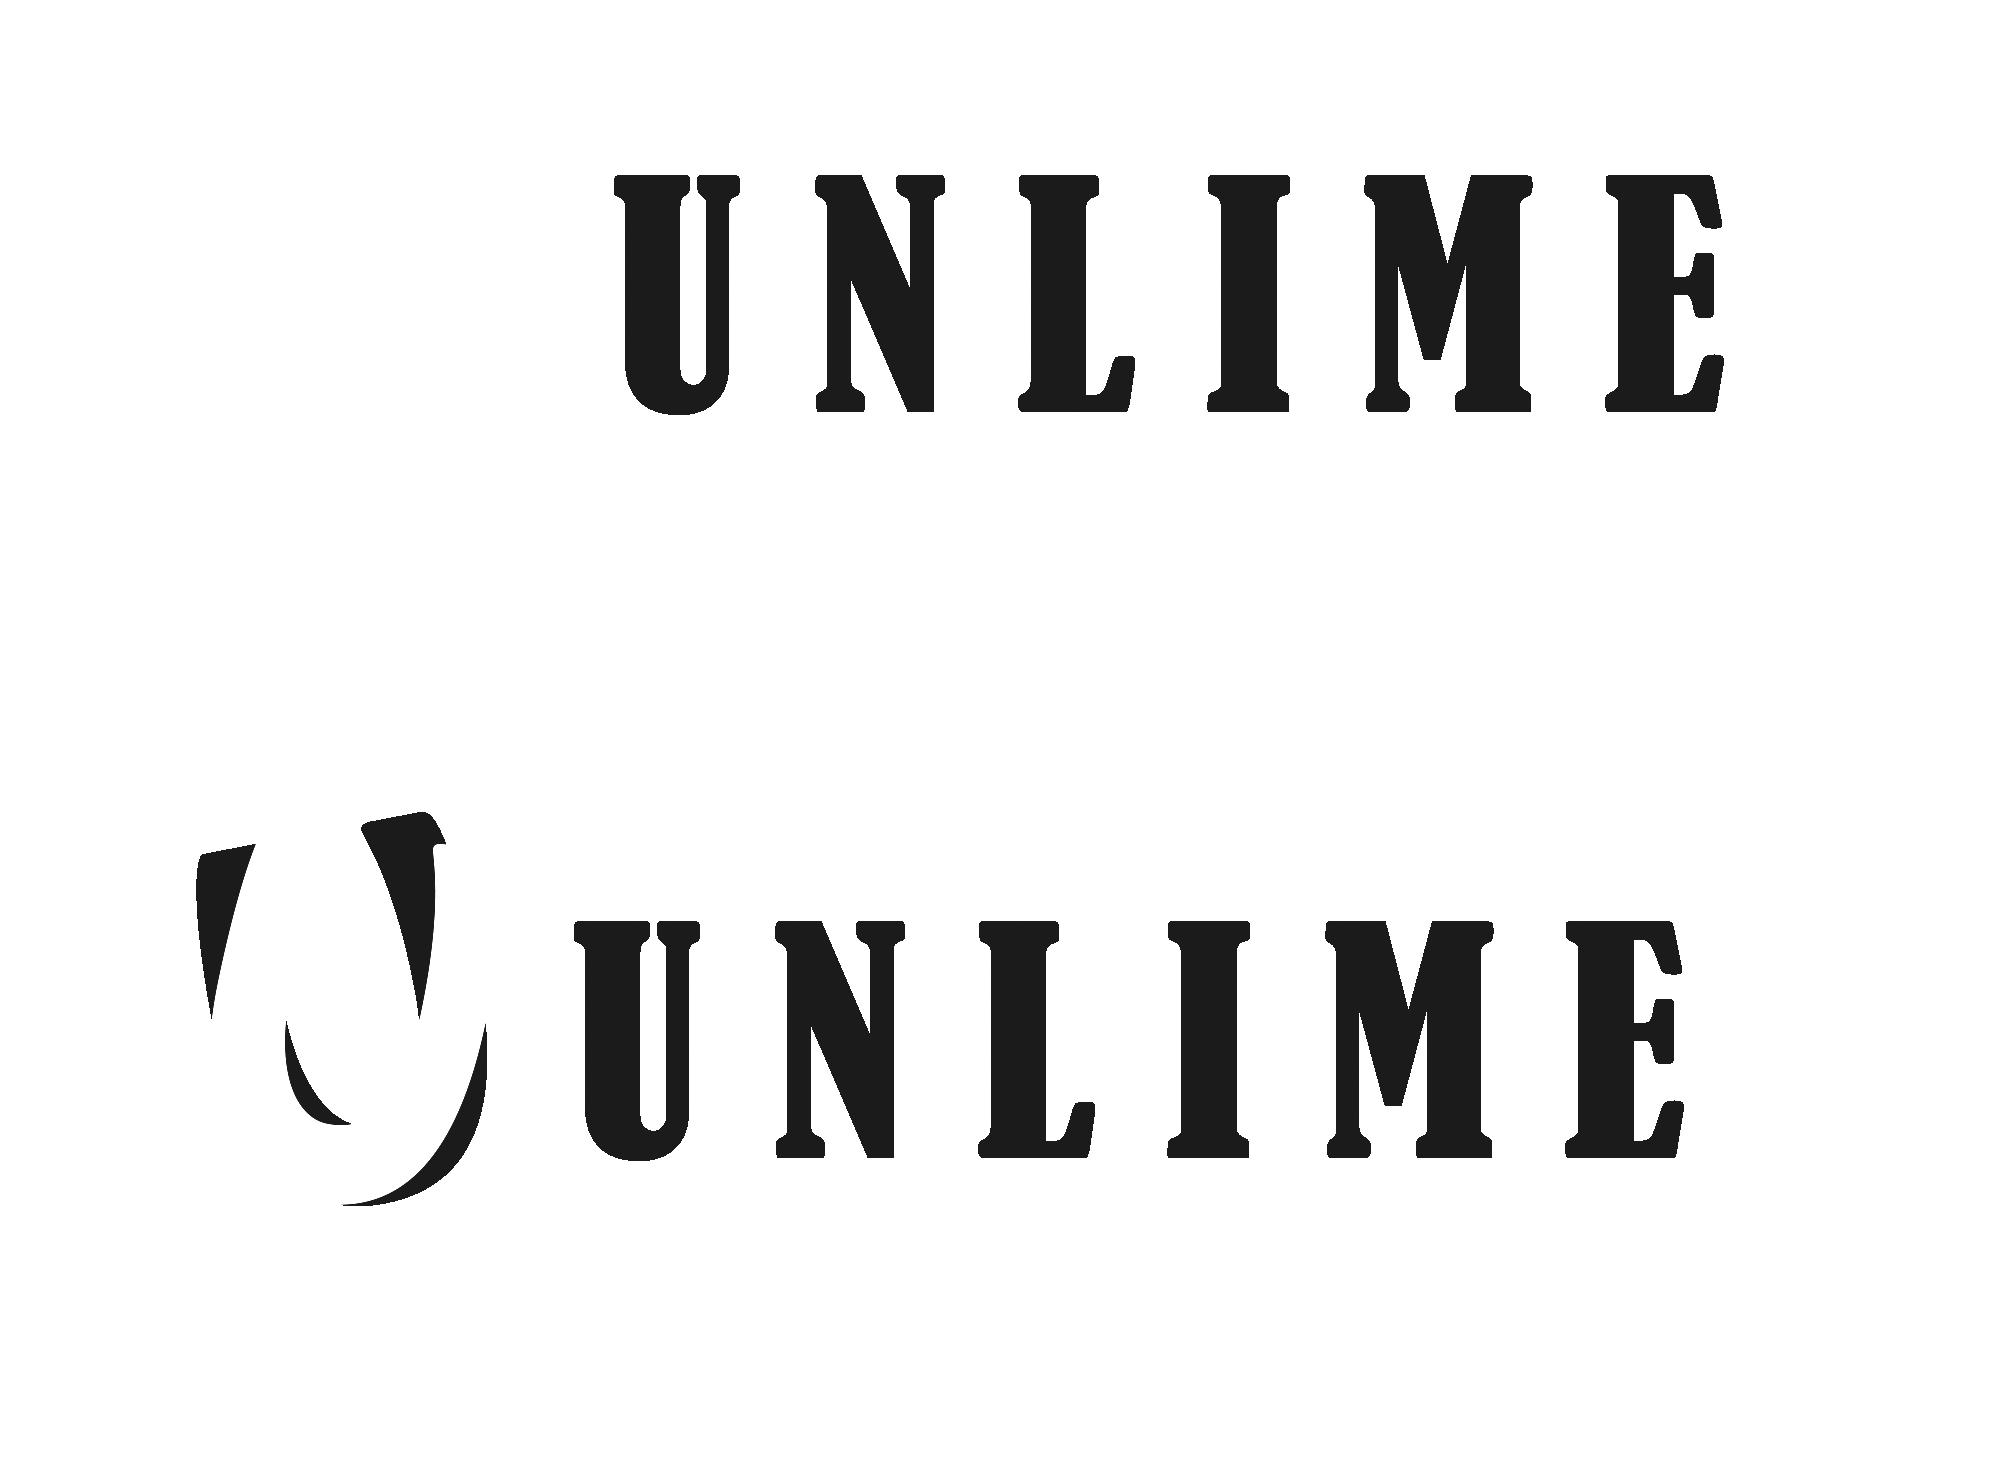 Разработка логотипа и фирменного стиля фото f_0655948df42cc4d8.png